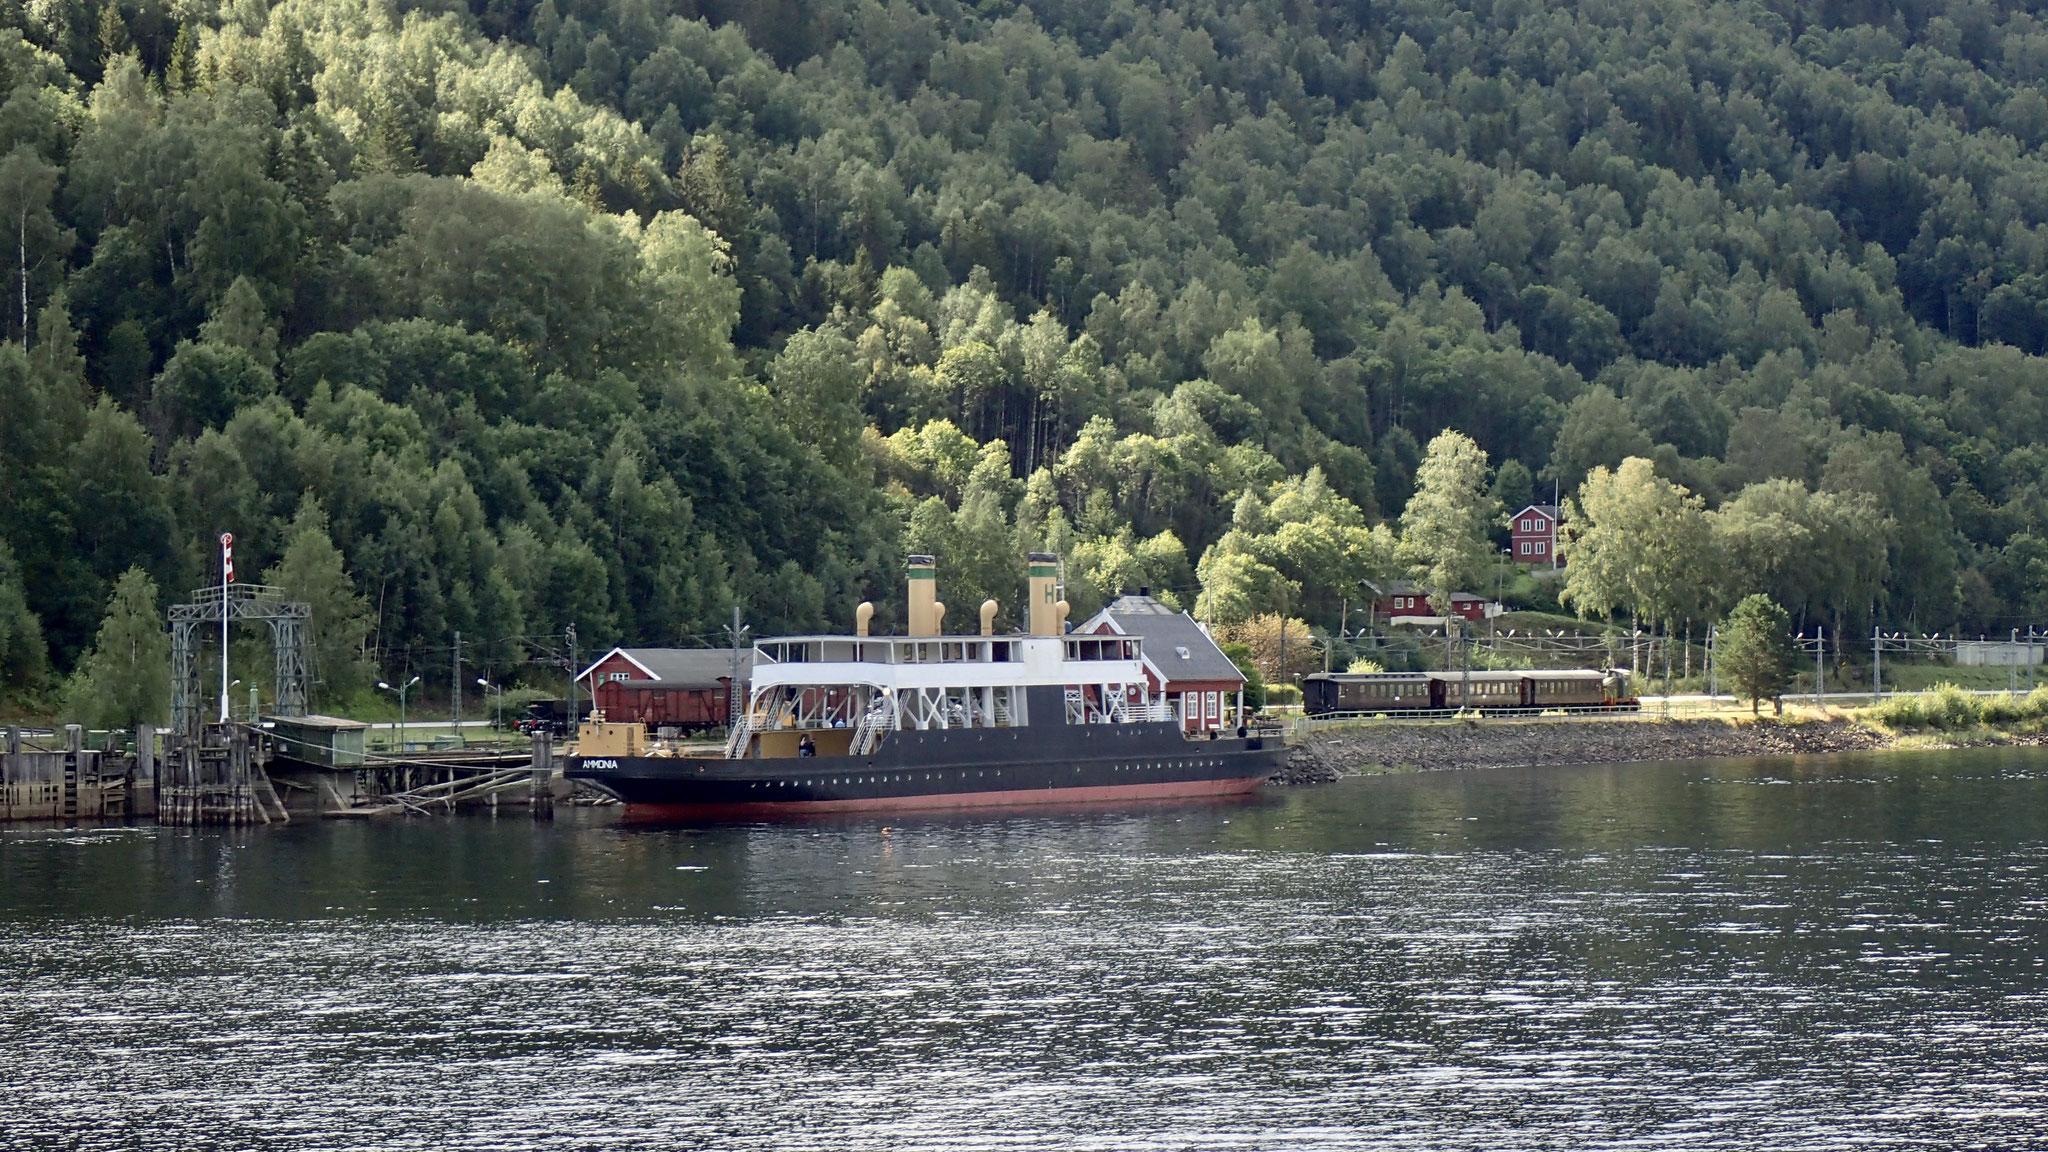 Ammonia und der historische Zug